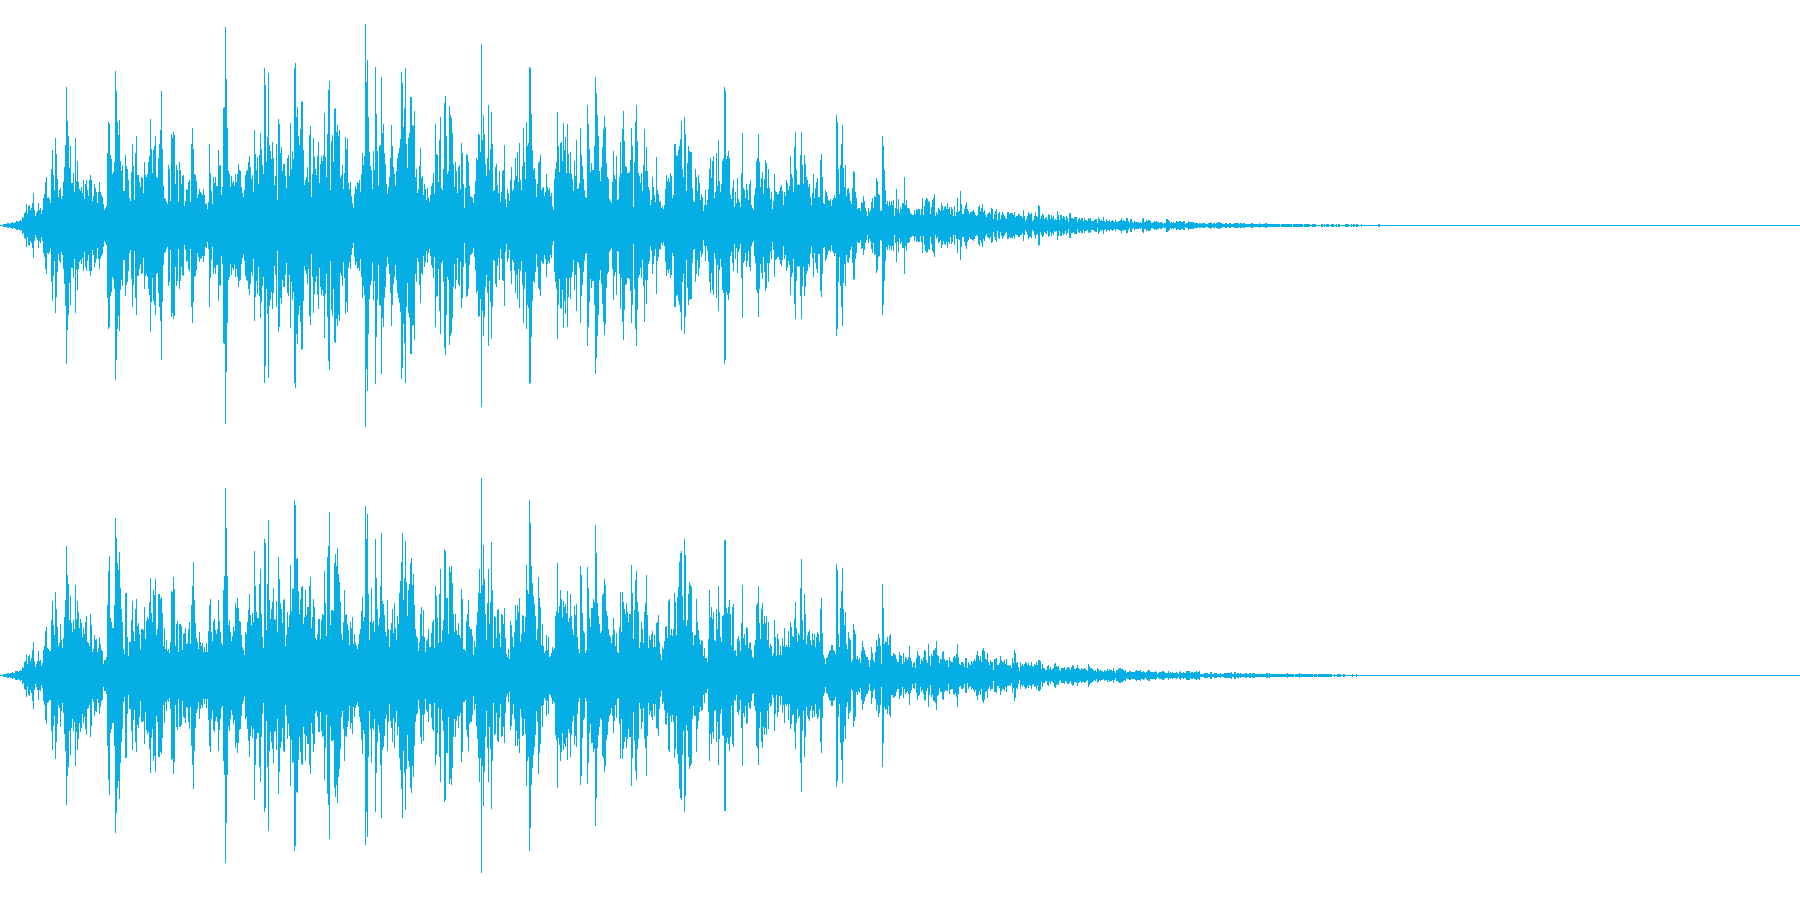 シャラシャラ(広がる鈴の音)の再生済みの波形